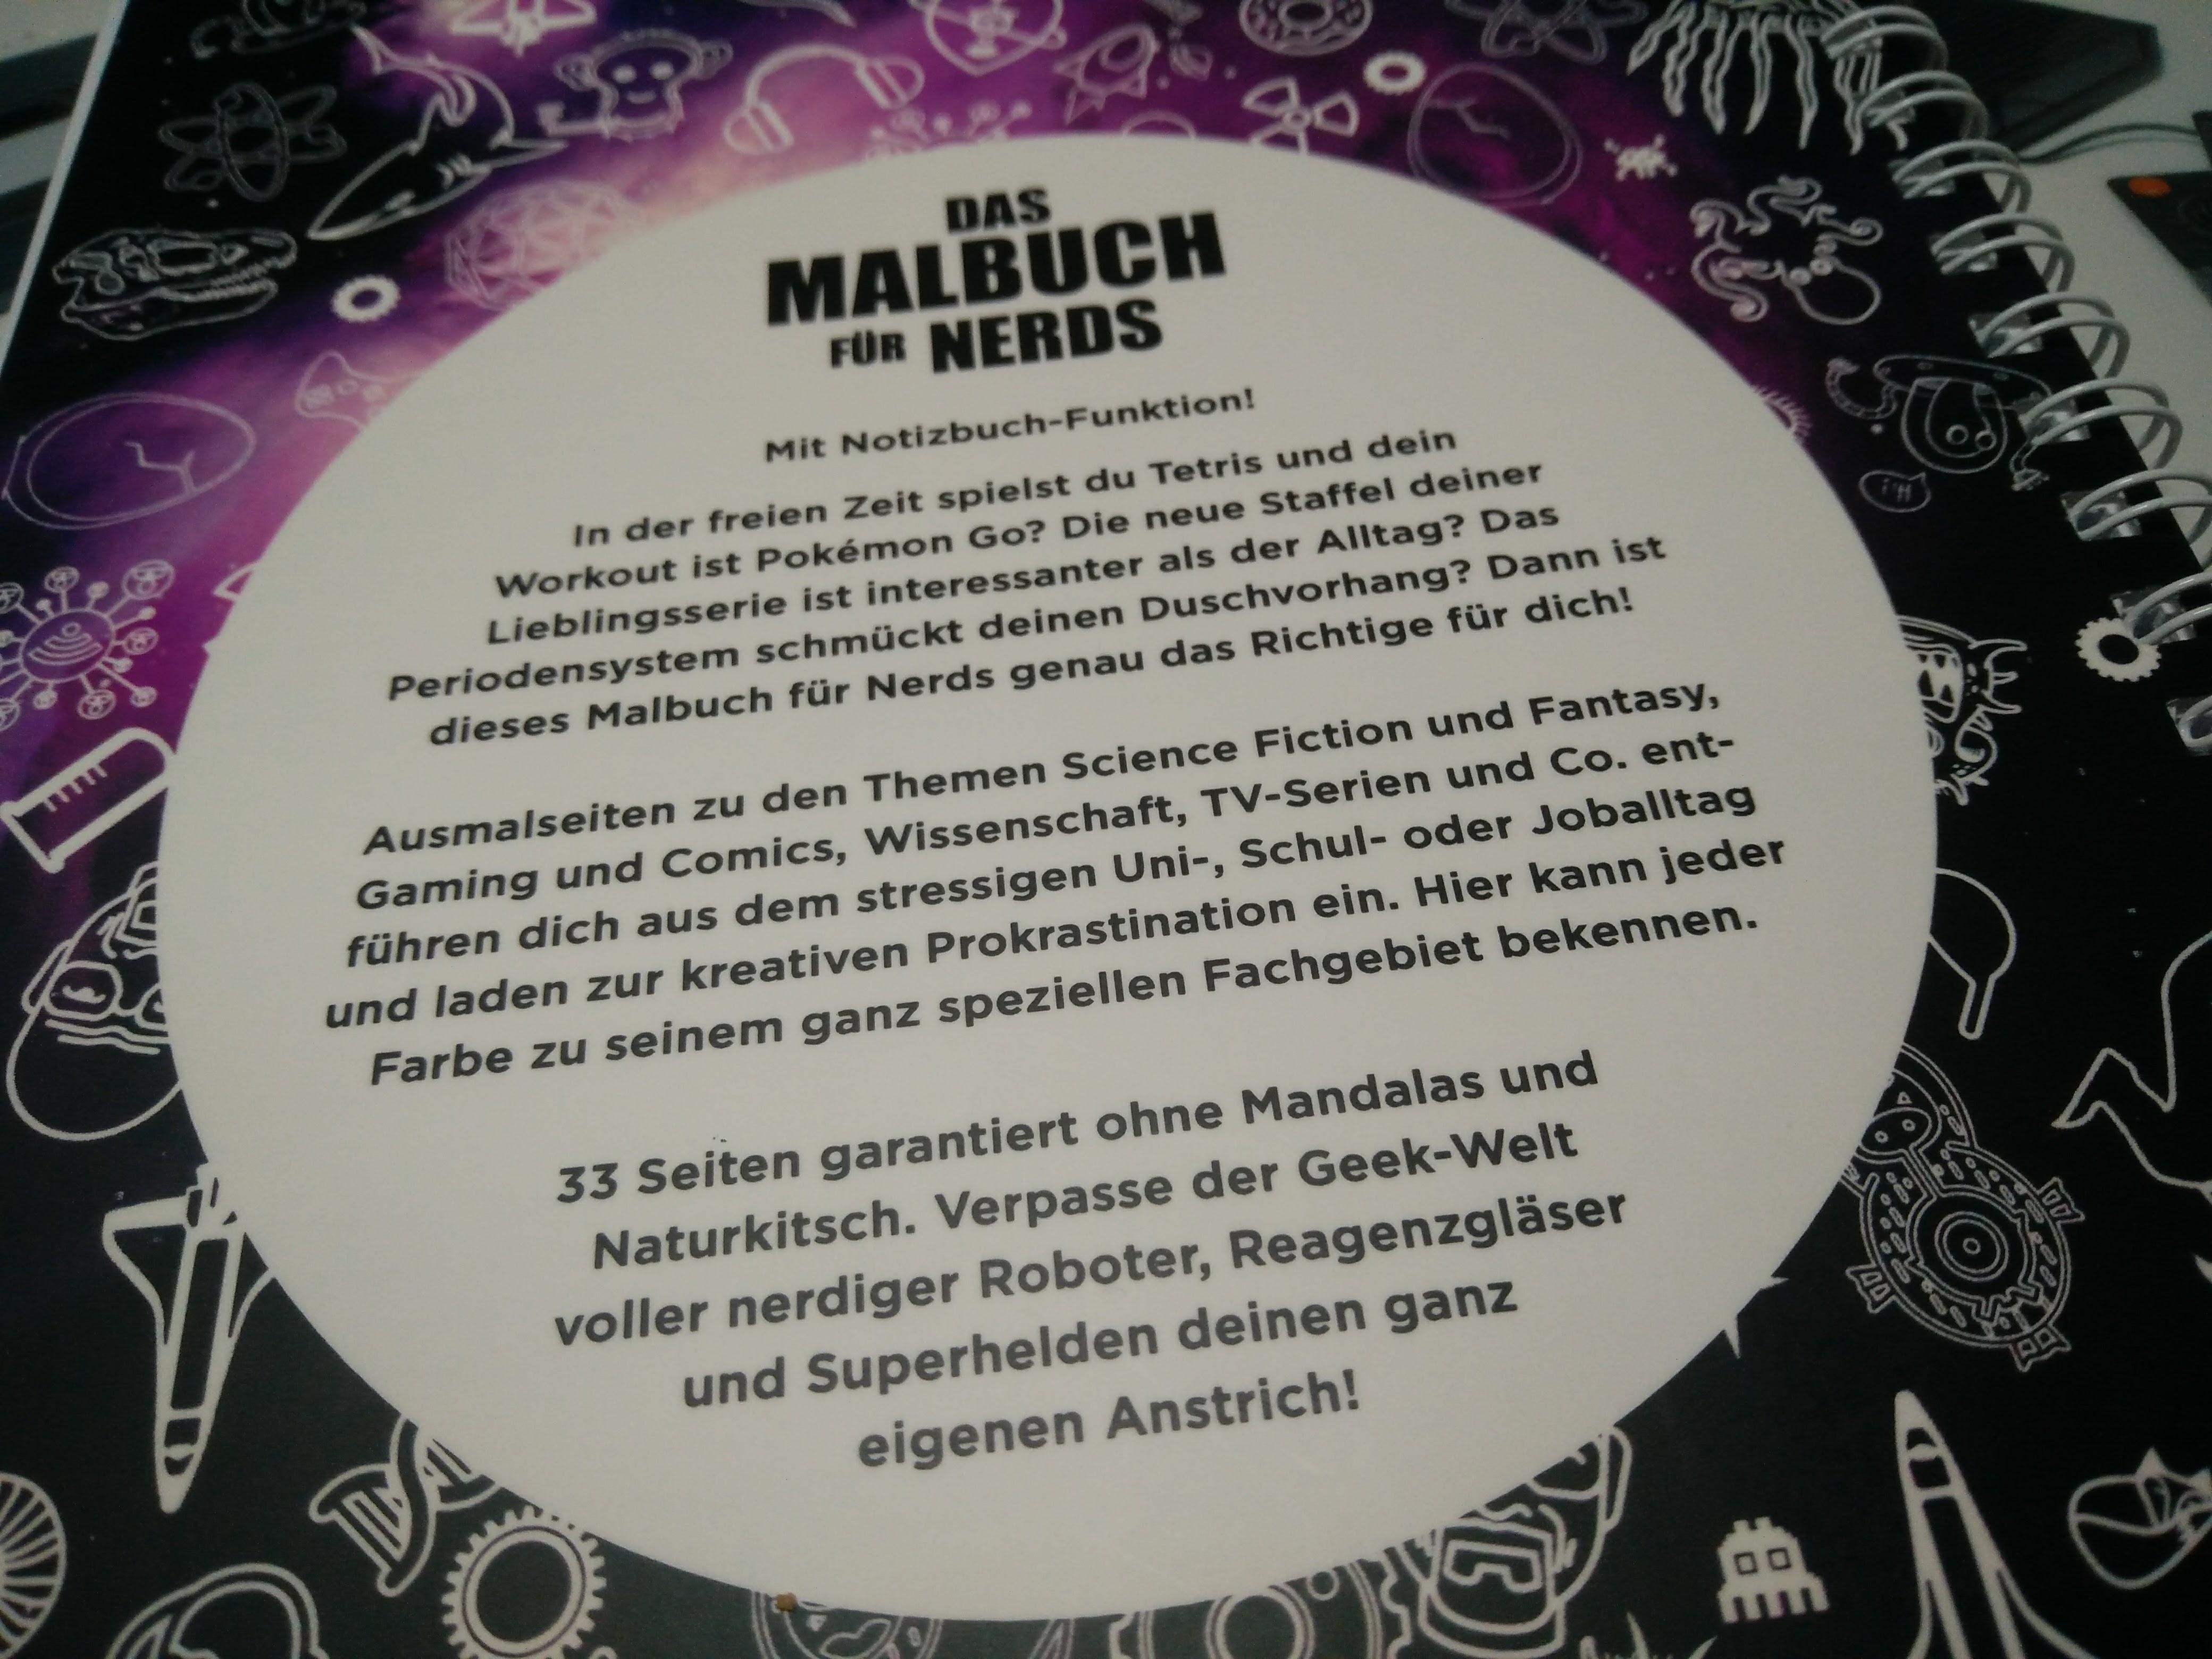 Ausgemalt] Das Nerdmalbuch – OMGWTFBBQ1337.de